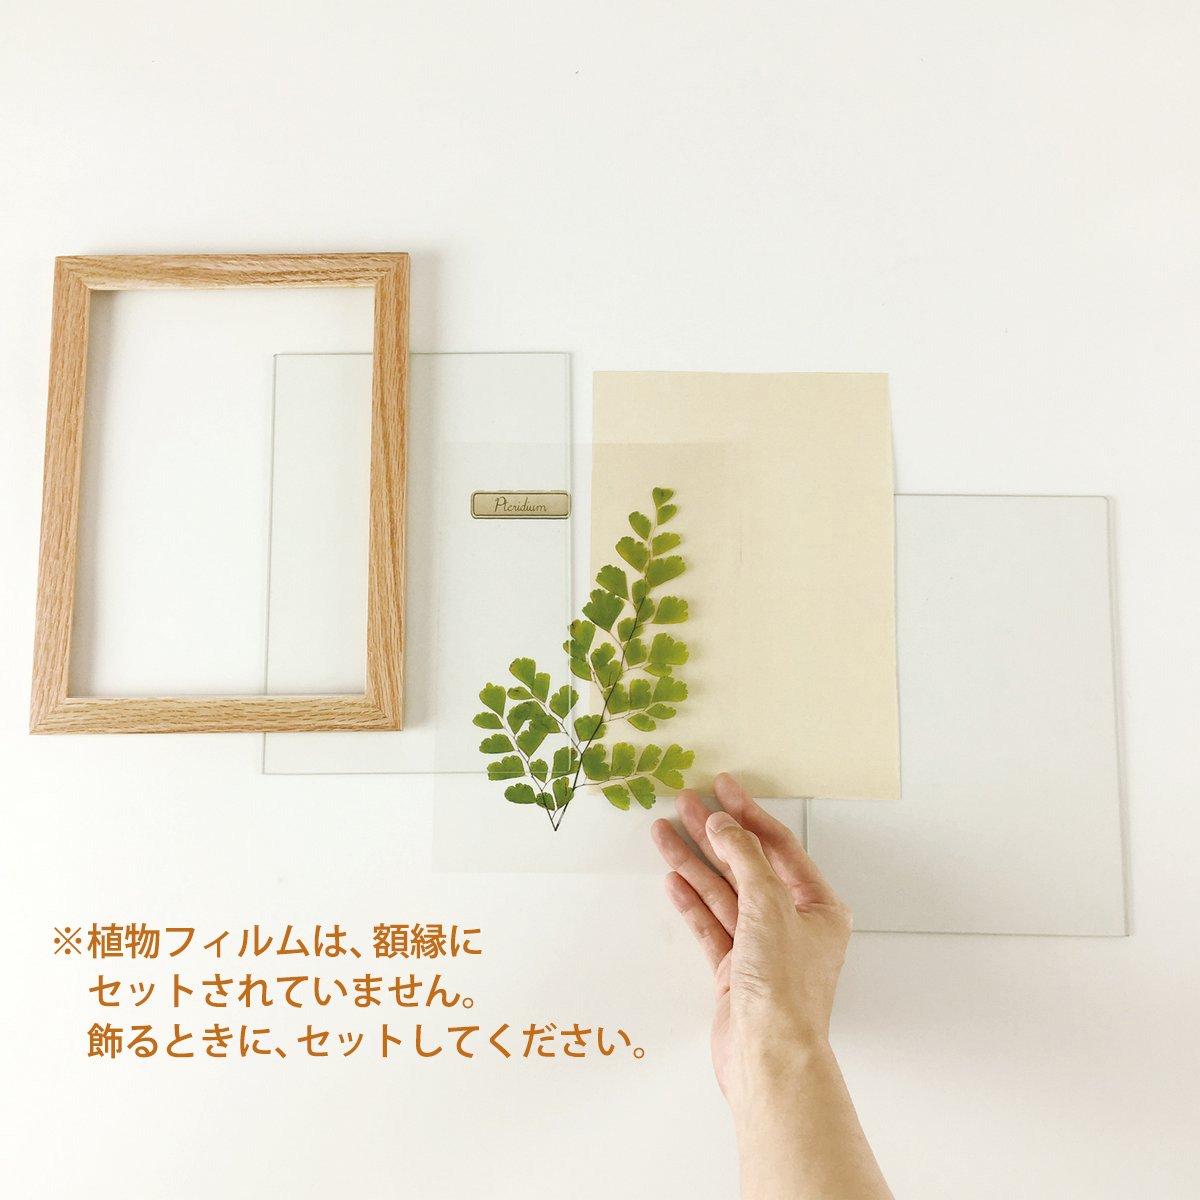 【アートフレーム】ハーバリウムフレーム ハハコグサ/ブラウン(壁掛け)